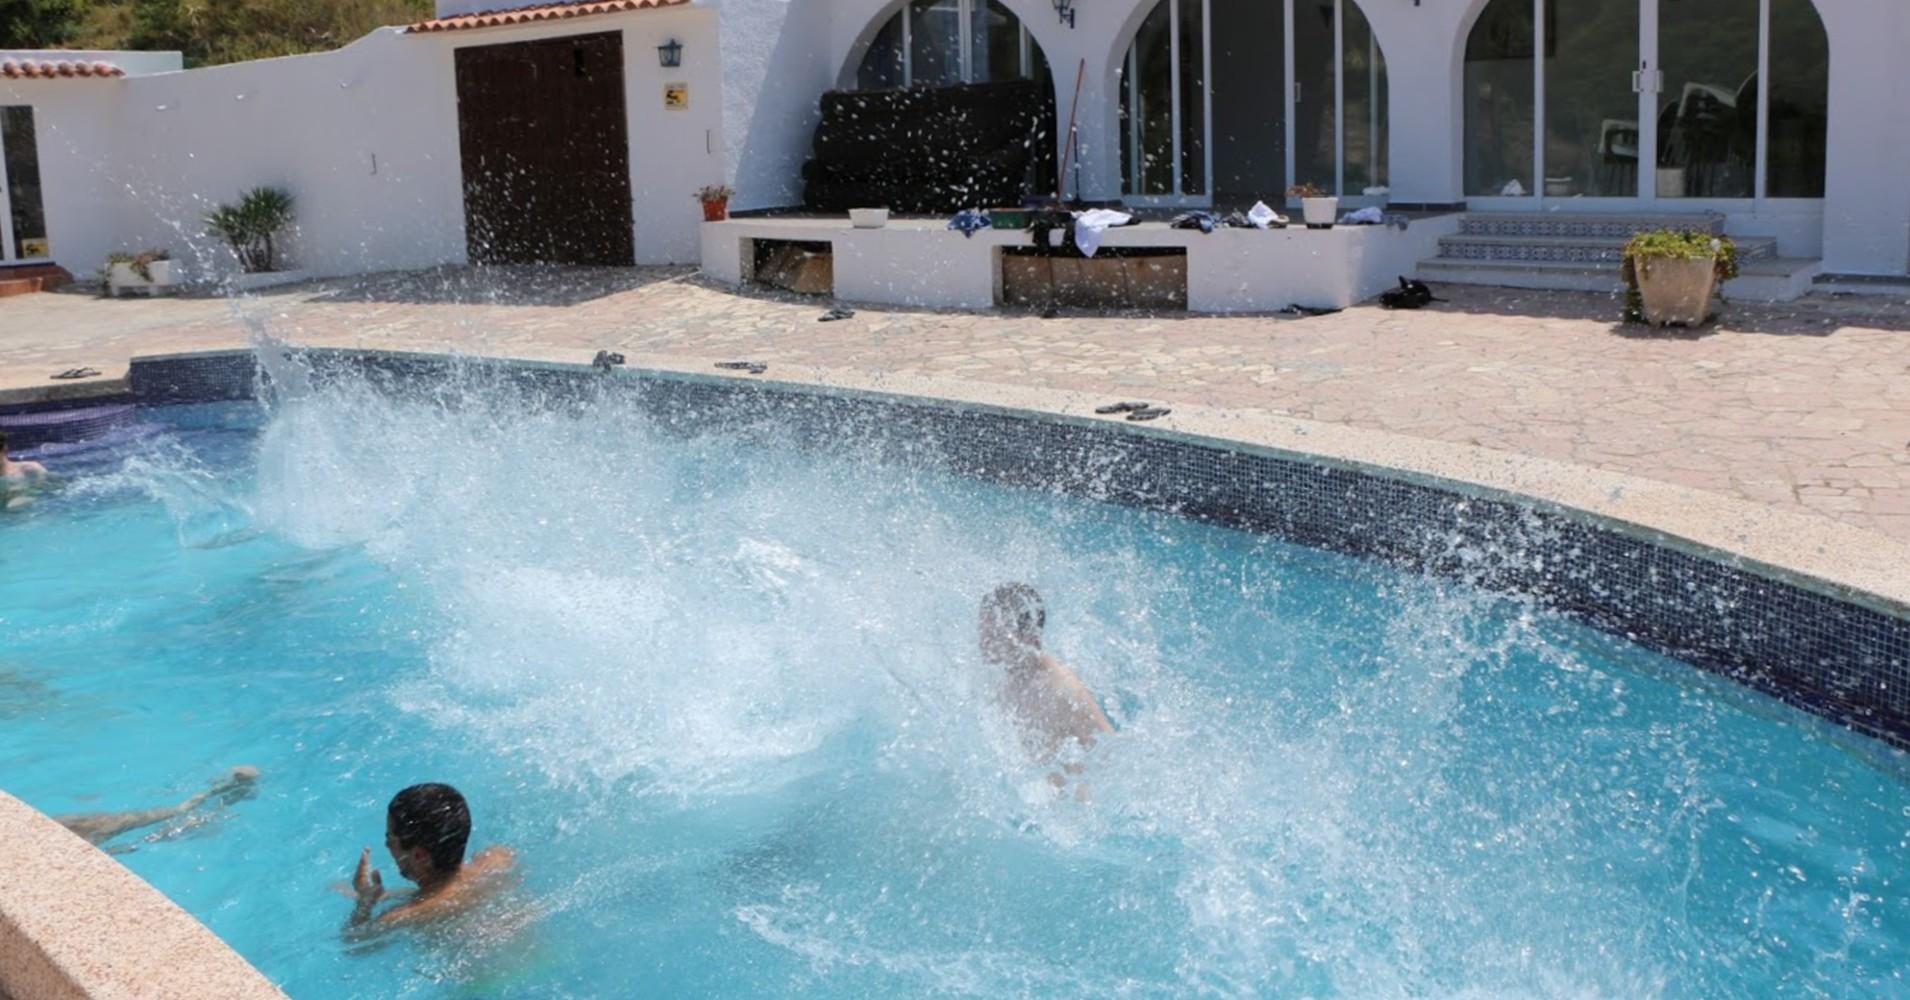 Amigos a nadar numa piscina